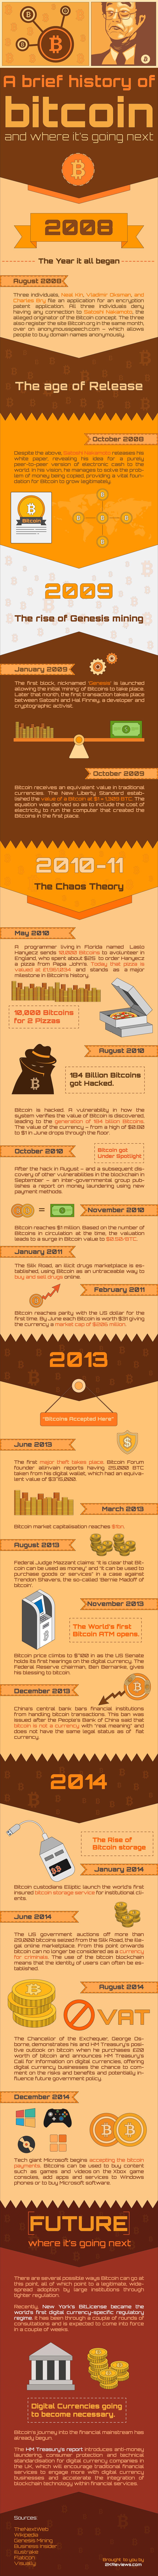 Bitcoin History